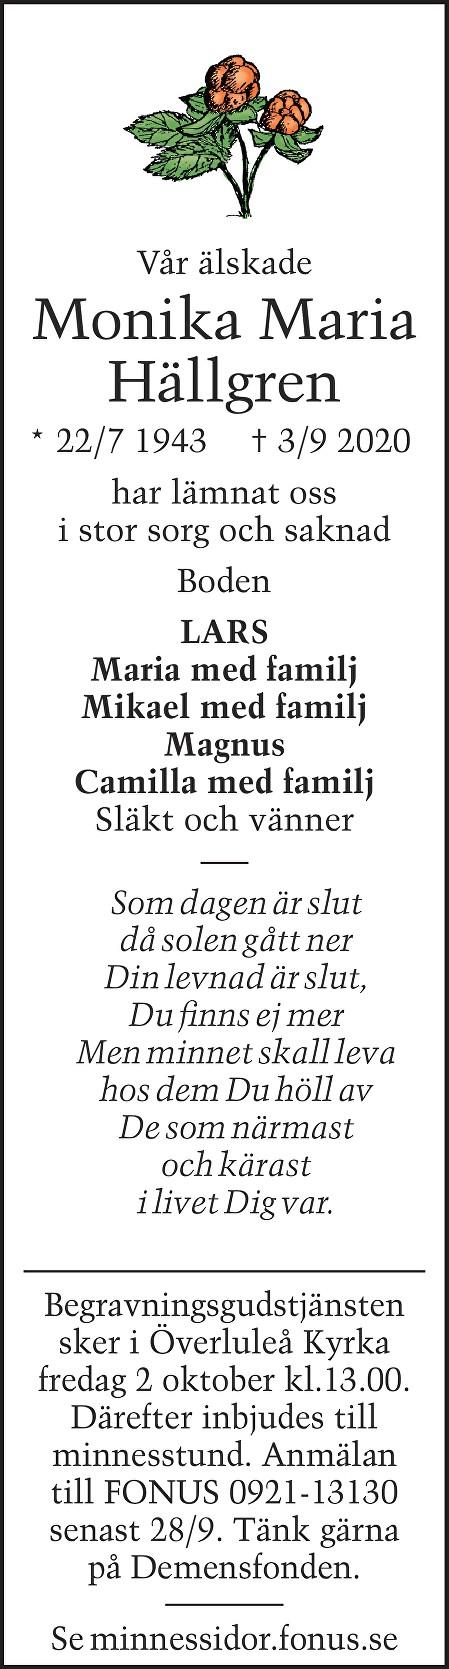 Monika Maria Hällgren Death notice